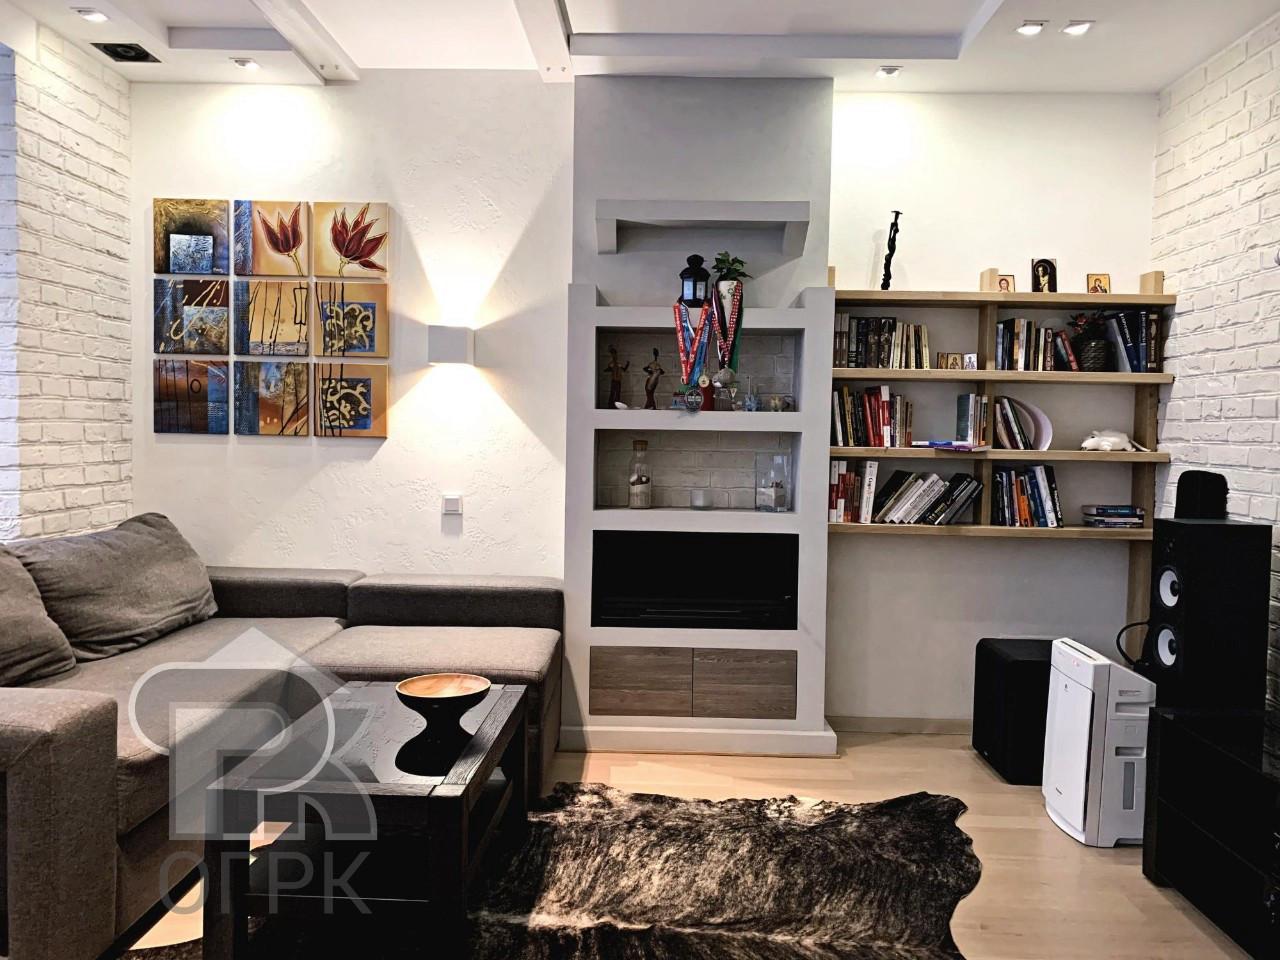 Купить 3-комнатную квартиру, город Москва, Москва, проезд Сапёрный, д.10, №309730